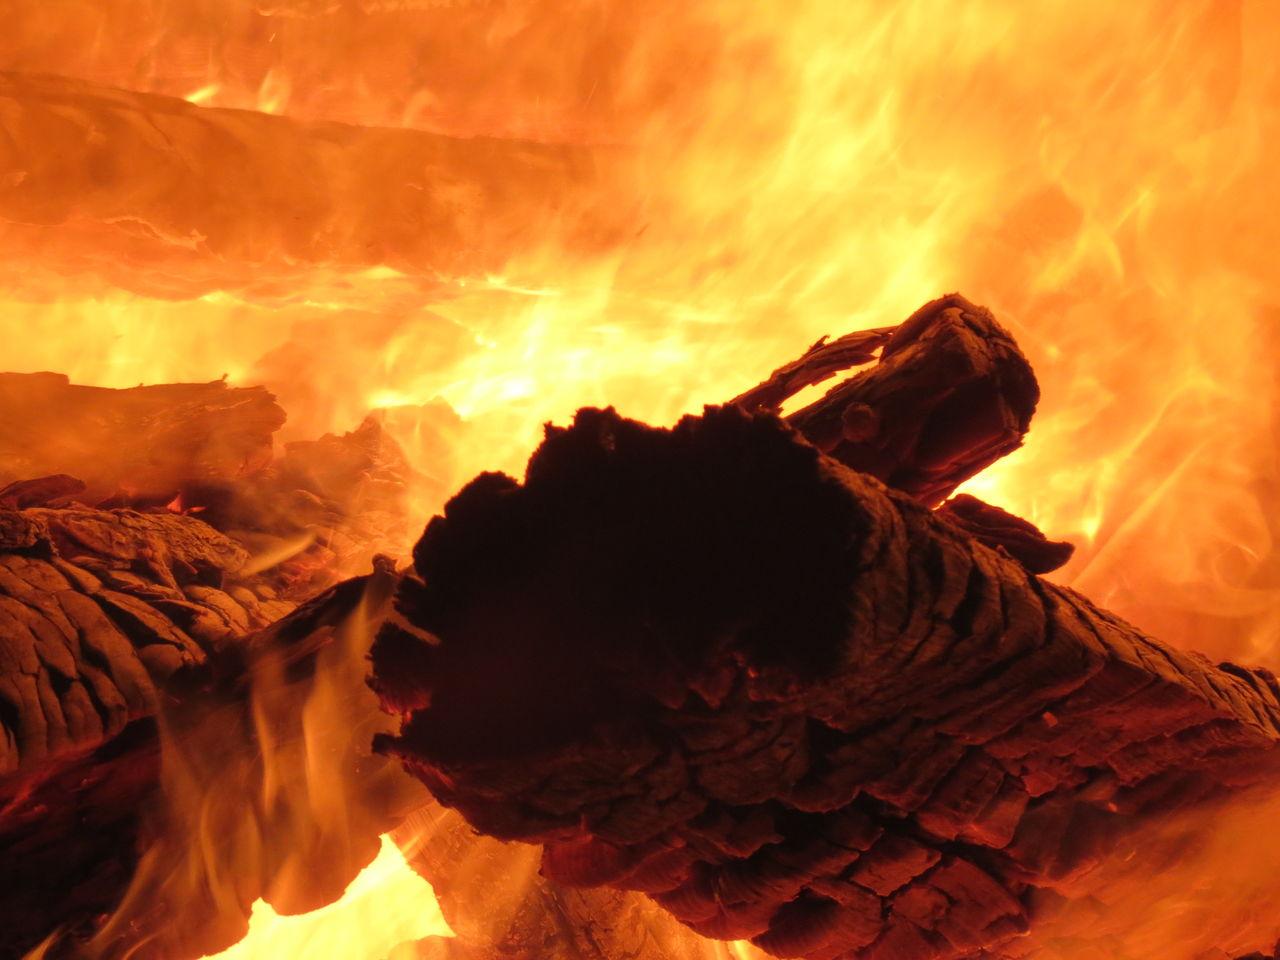 bild lagerfeuer feuer holz brennen von elke p bei kunstnet. Black Bedroom Furniture Sets. Home Design Ideas